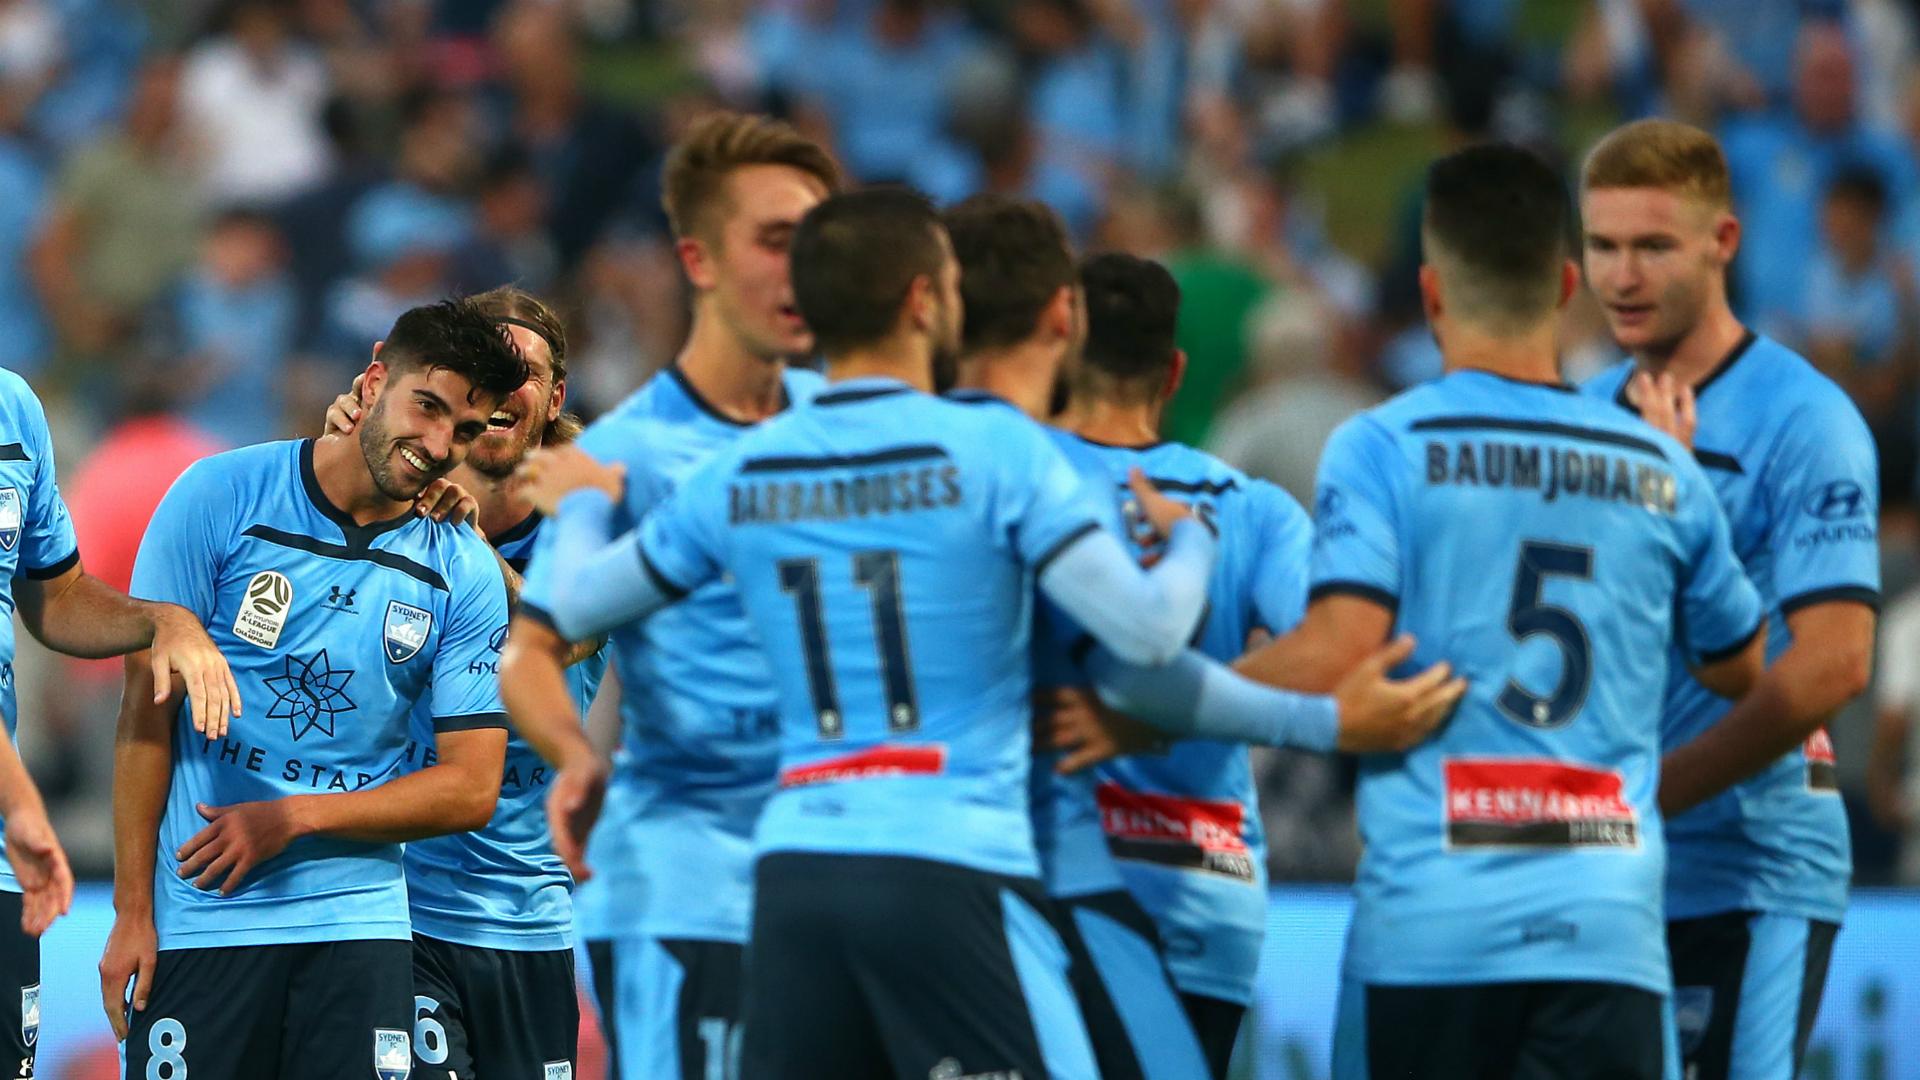 A-League Review: Retre scores twice as Sydney FC open up nine-point lead